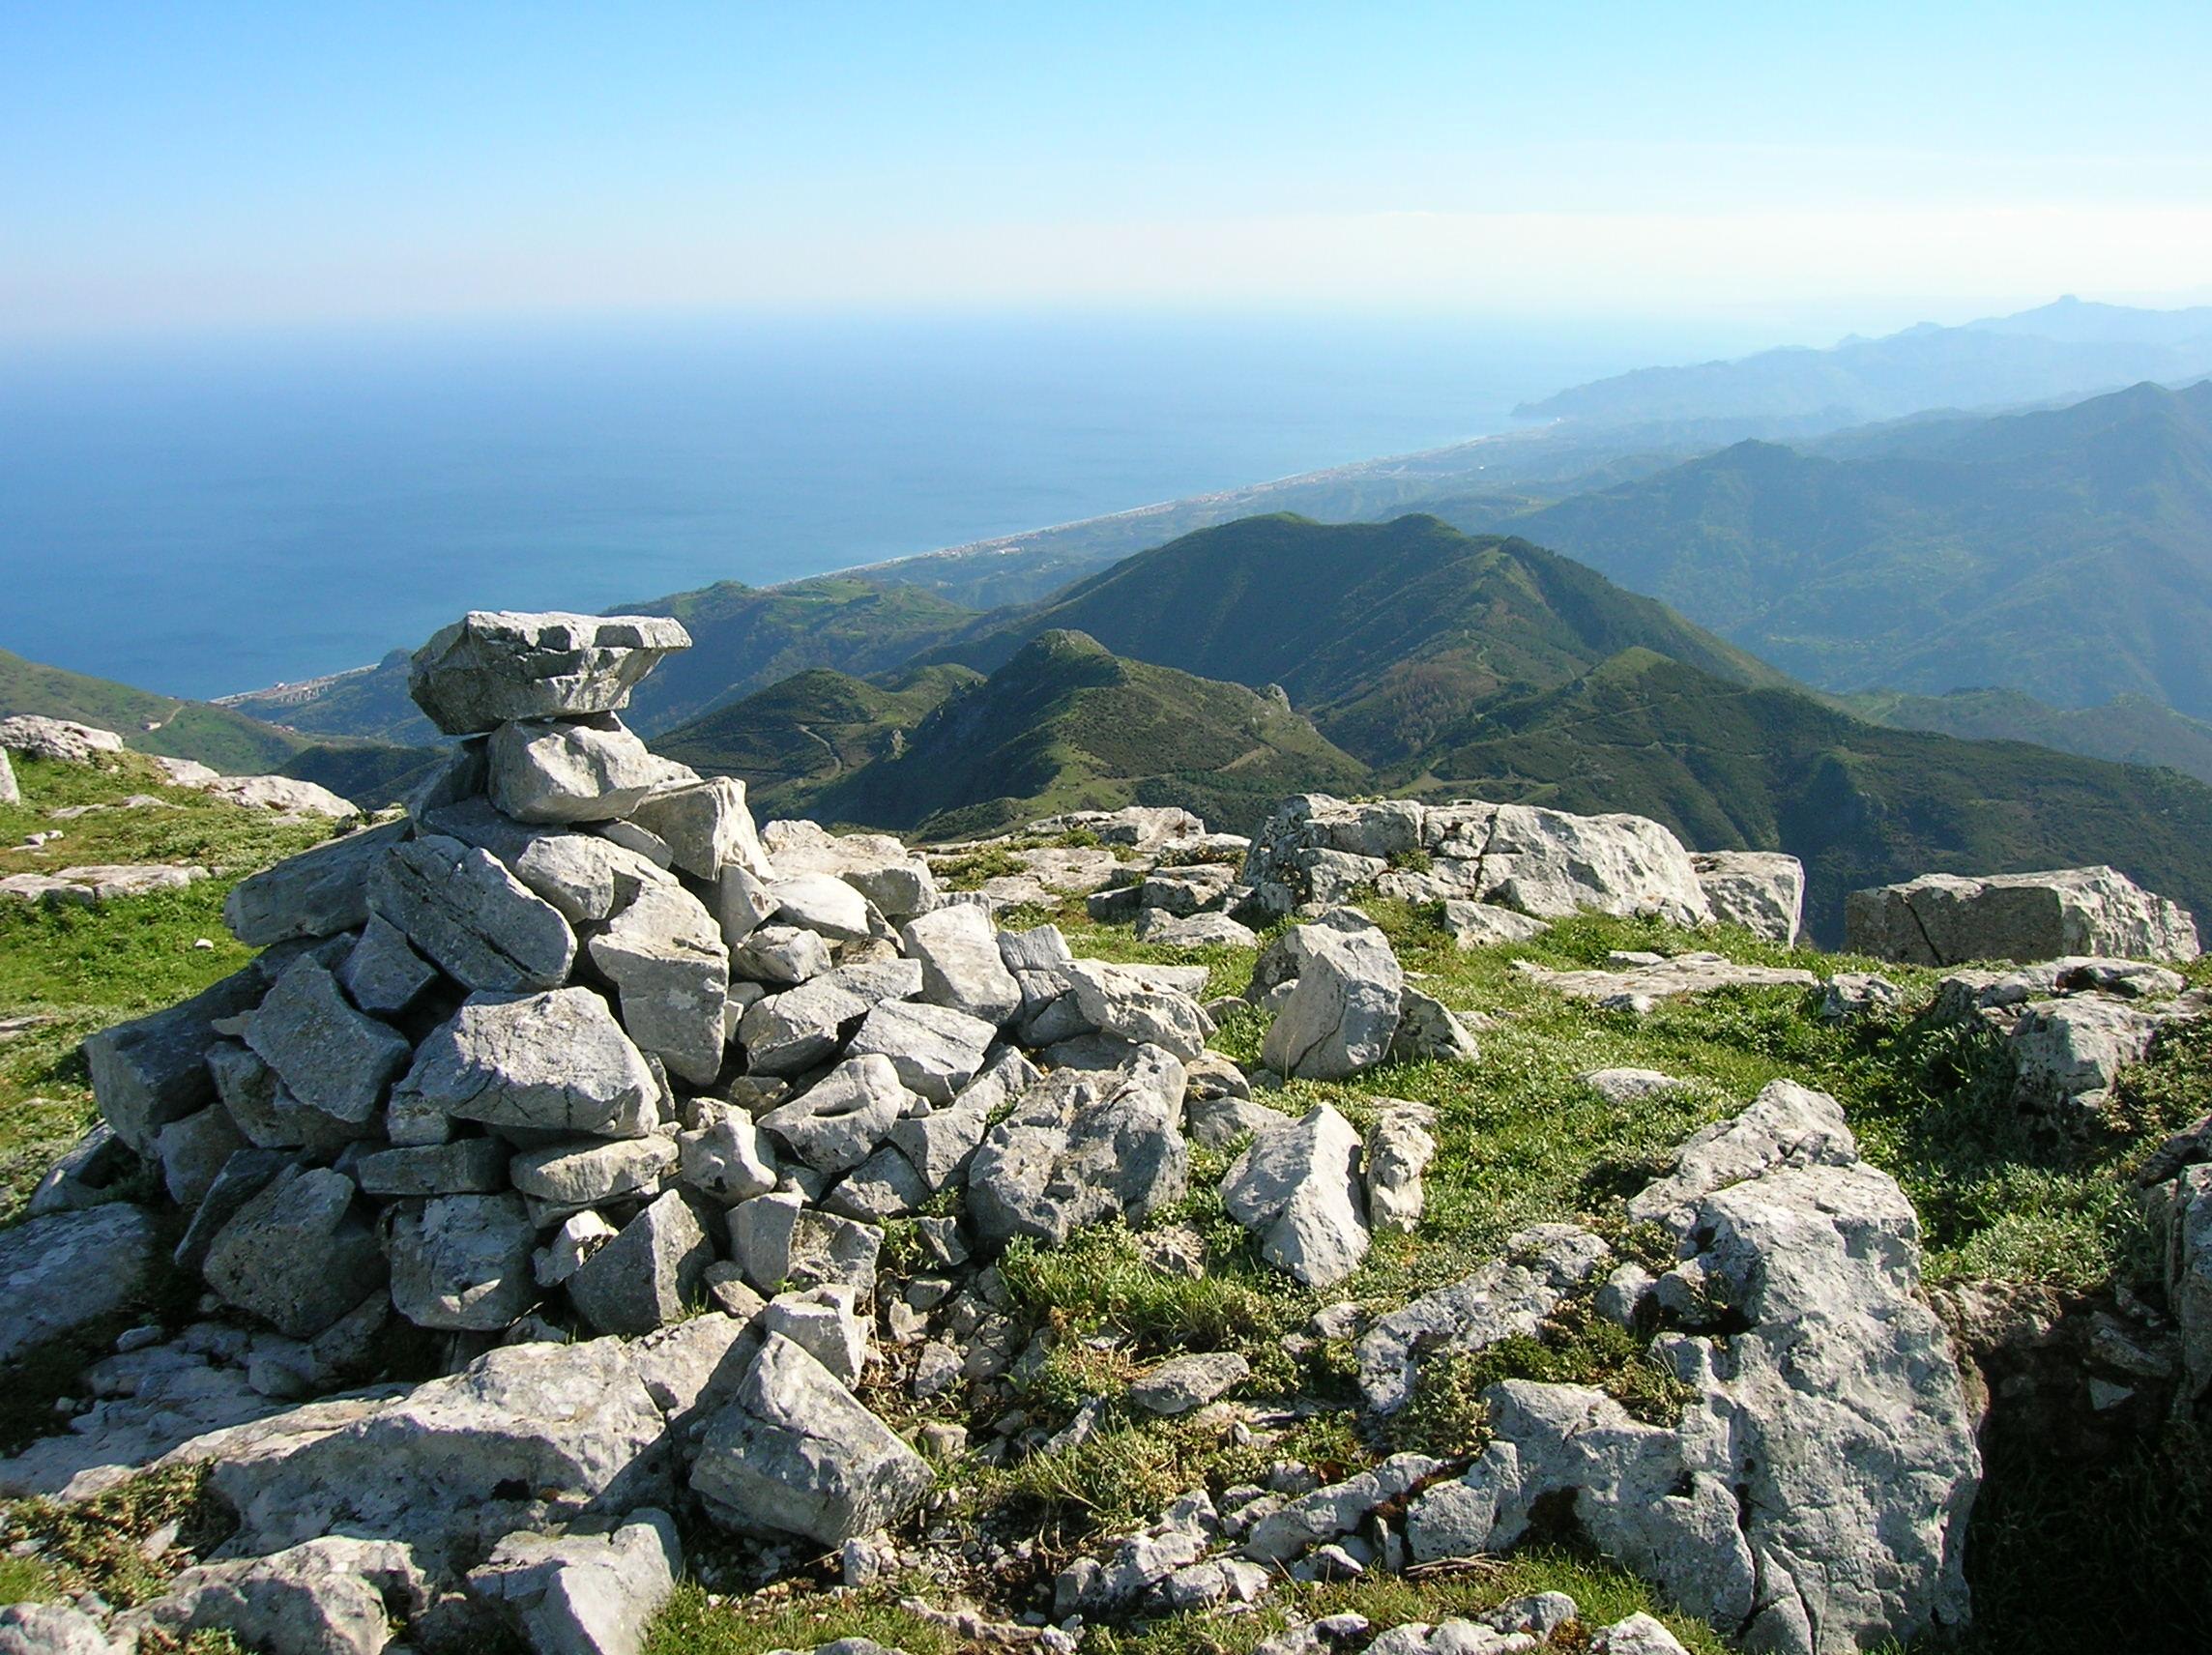 Auf dem mit Kalksteinen übersäten Hochplateau des Monte Scuderi markiert auf dem rechten südlicheren der beiden flachen Kuppen ein Steinhaufen den Gipfel, der Blick reicht bis weit über die Ostküste Siziliens